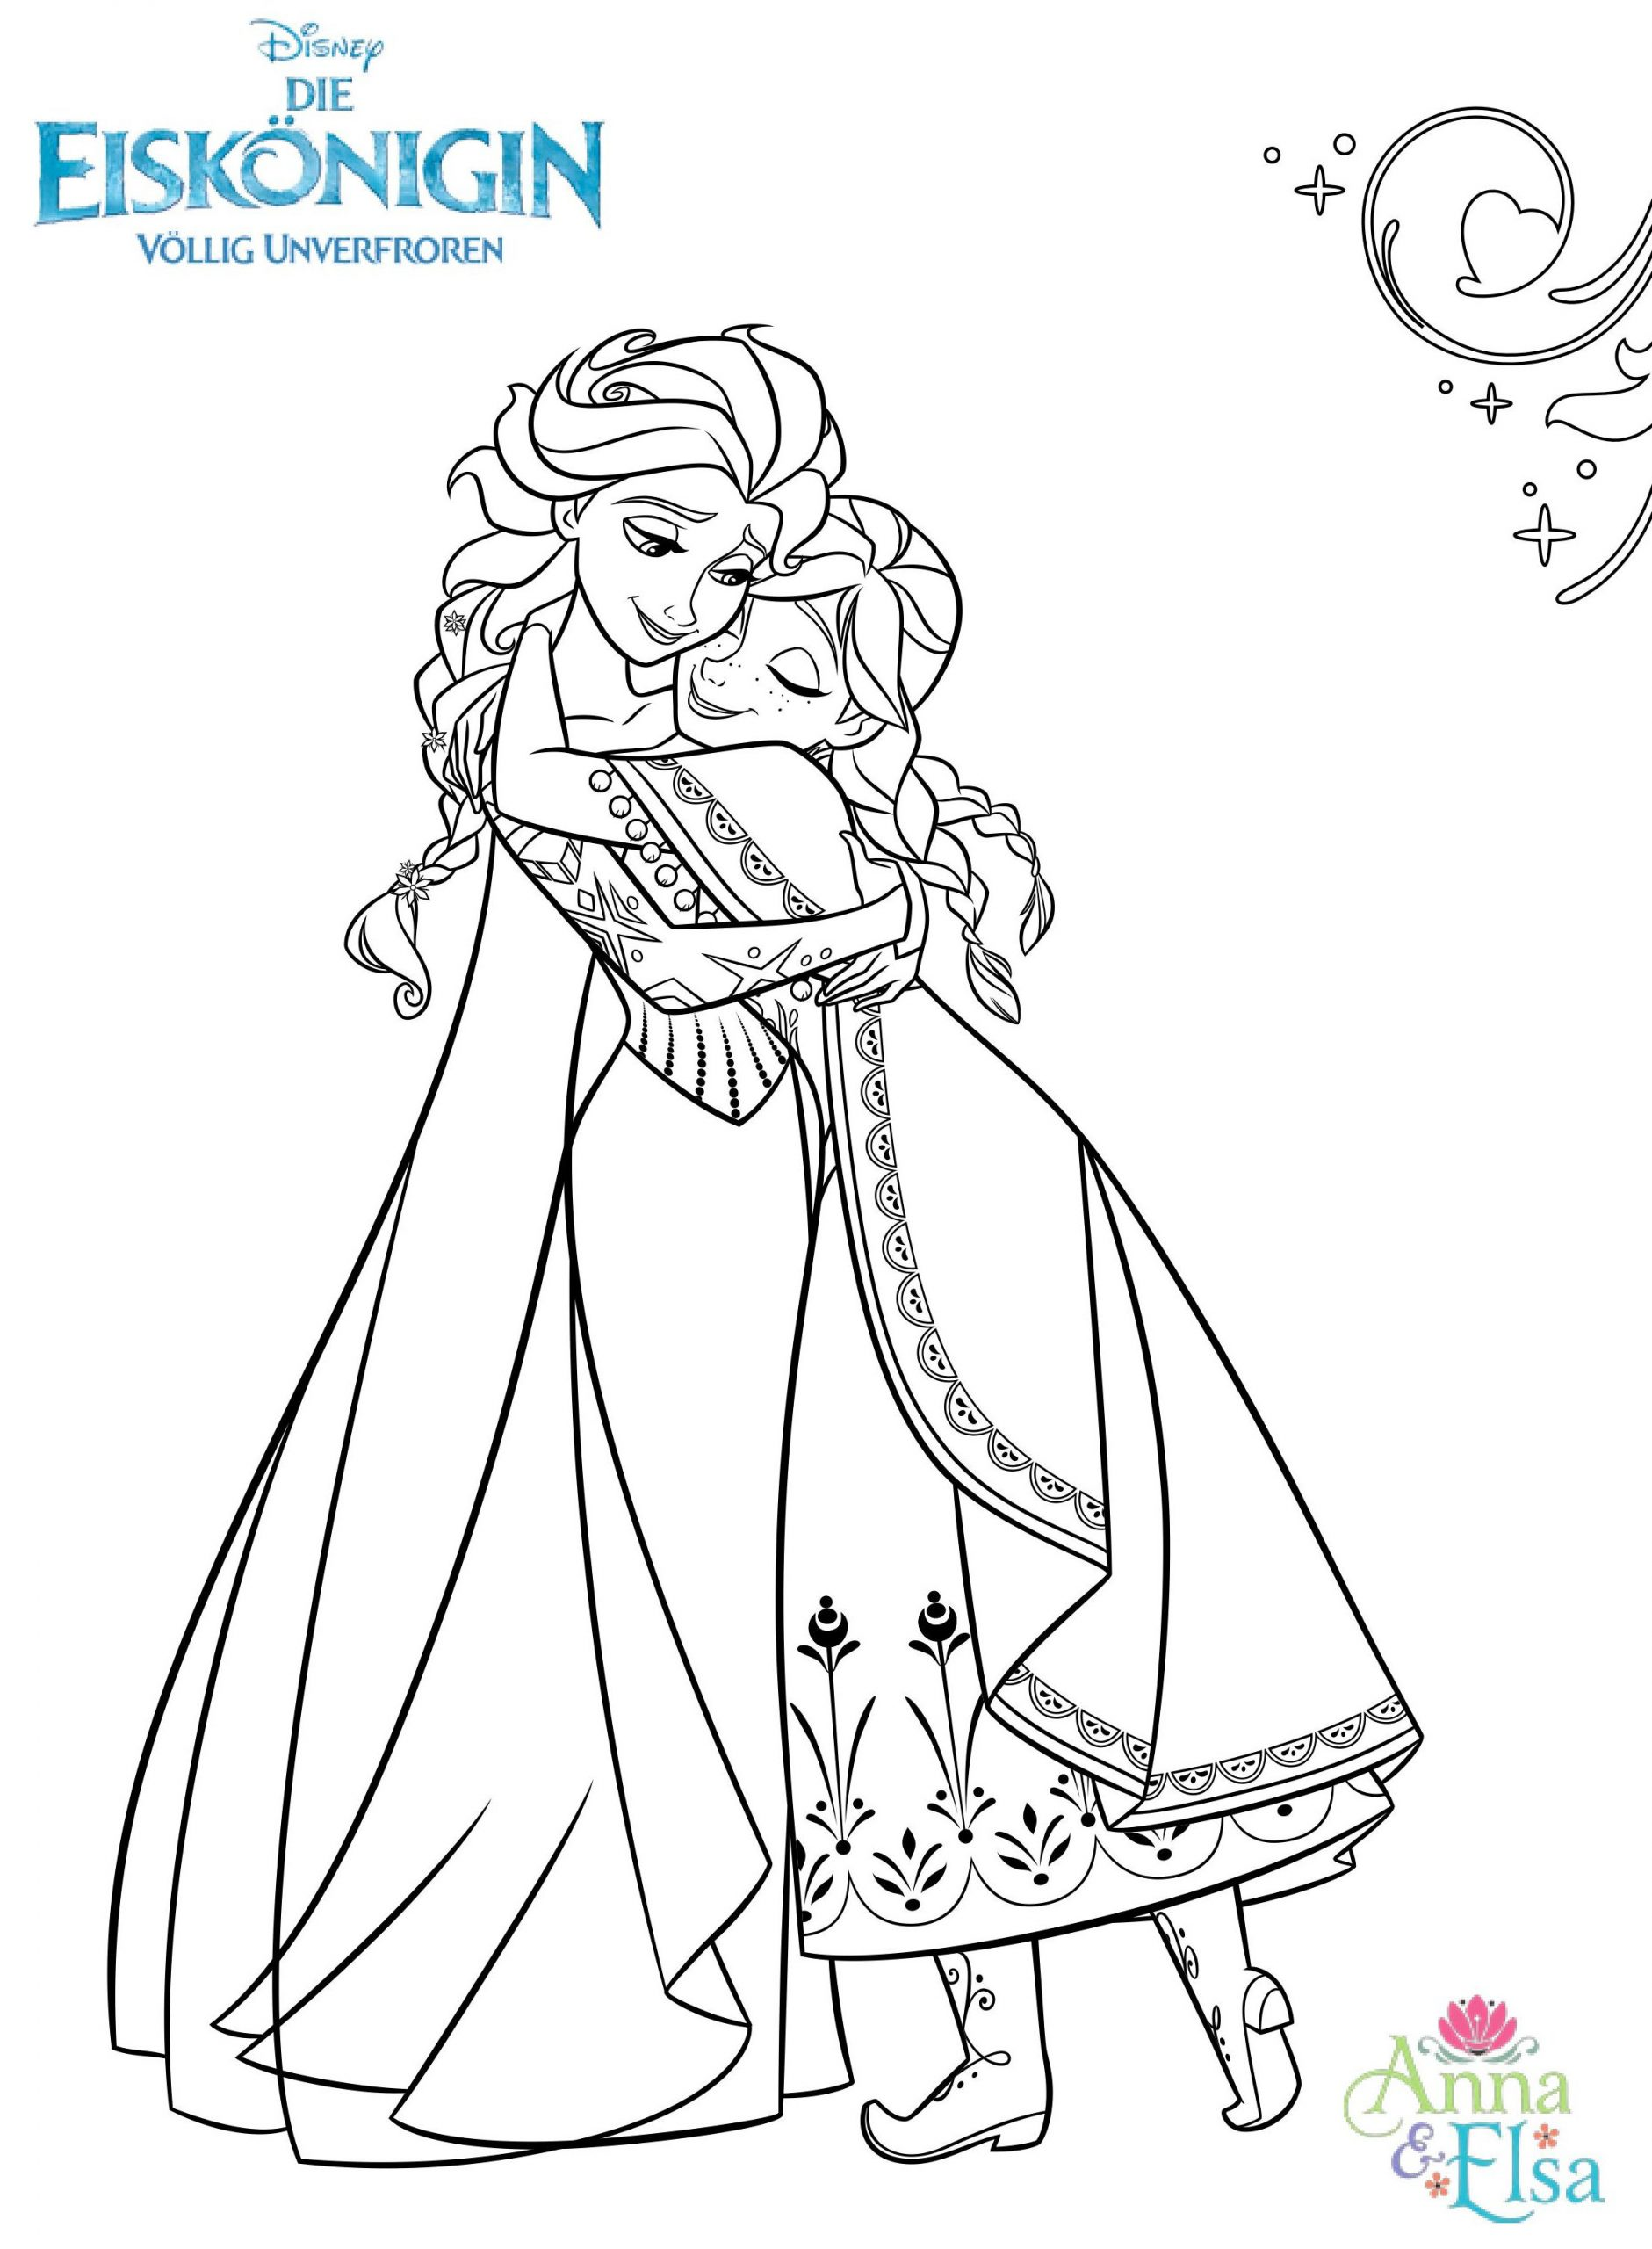 Anna Und Elsa Bilder Zum Ausdrucken Kostenlos verwandt mit Ausmalbilder Anna Und Elsa